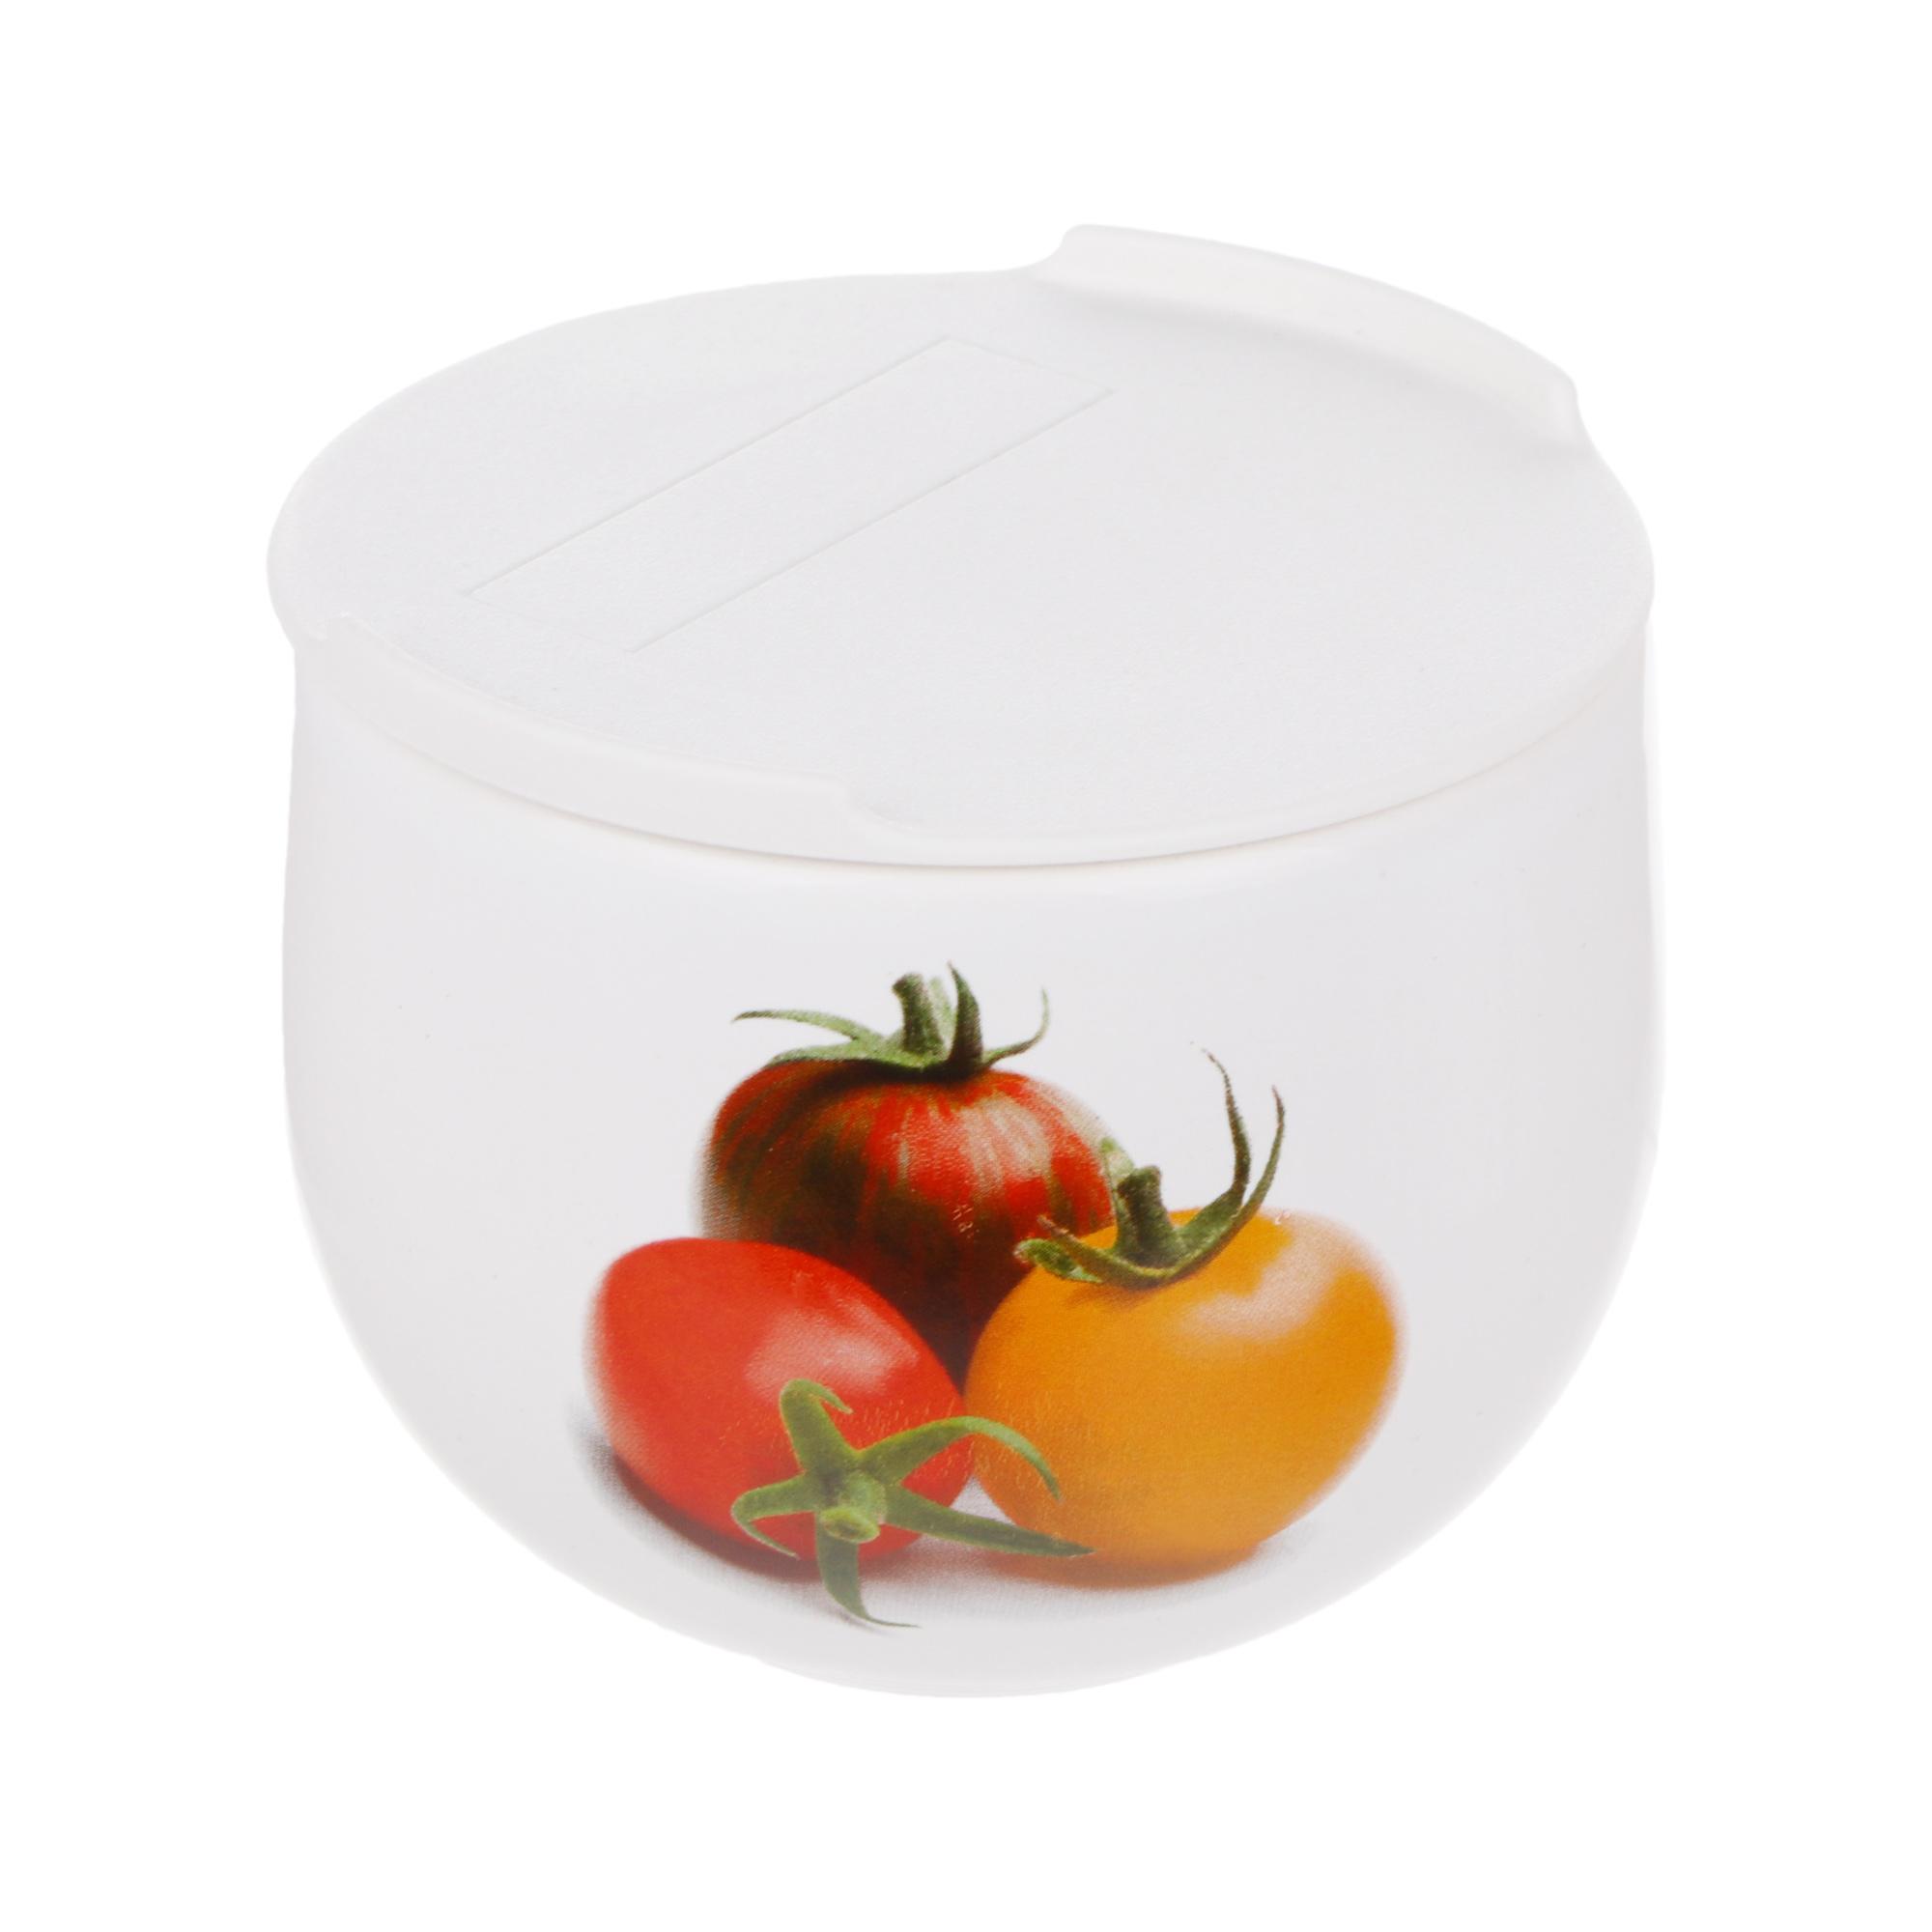 Фото - Банка Asa Selection Grande Томаты 9,5х8 см банка asa selection grande томаты 9 5х8 см